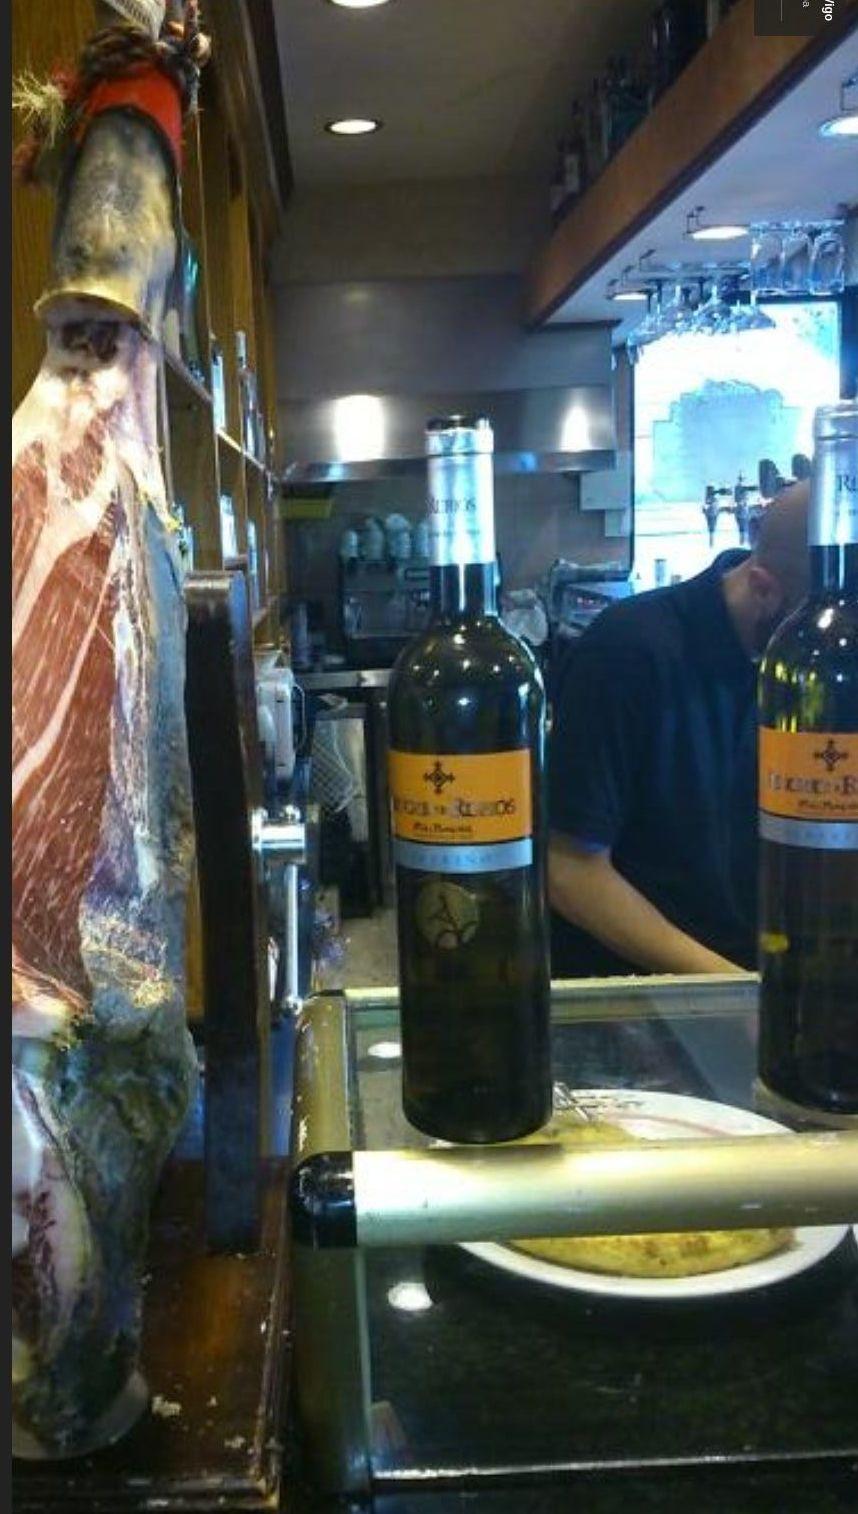 Foto 18 de Cocina gallega en Madrid | Restaurante Bahía De Vigo